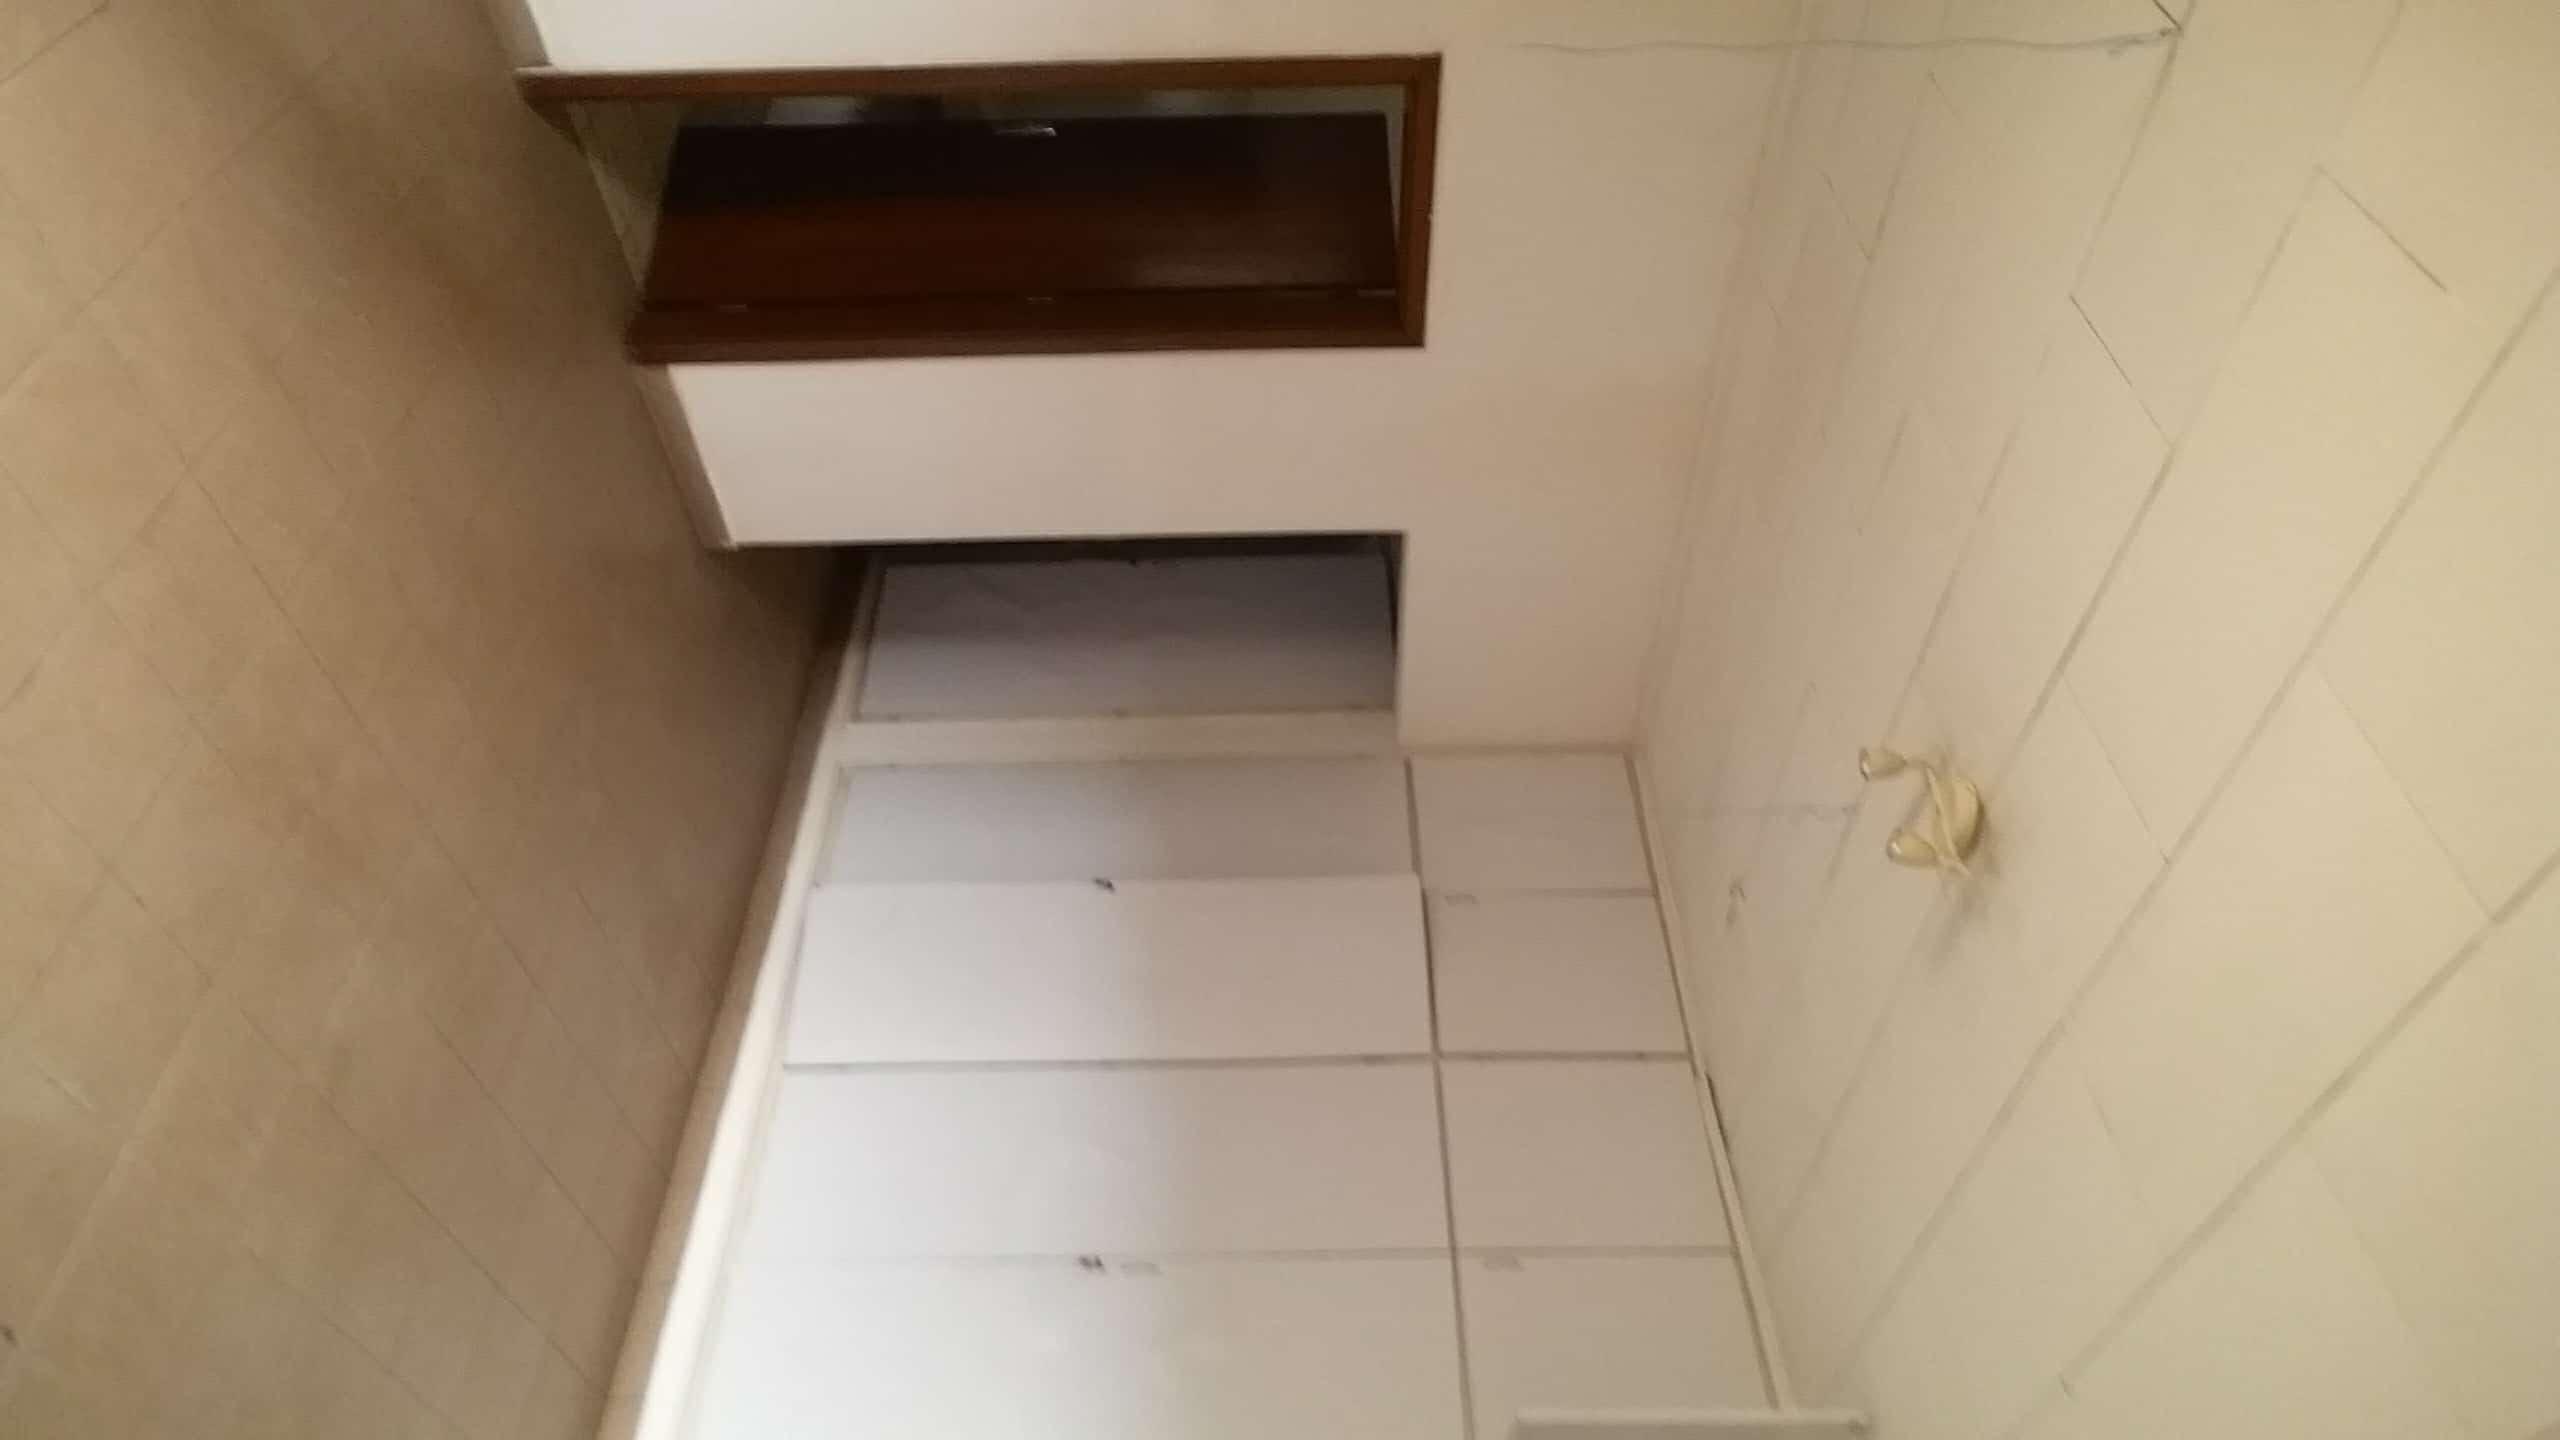 House (Duplex) to rent - Yaoundé, Bastos, bastos - 2 living room(s), 4 bedroom(s), 4 bathroom(s) - 1 000 000 FCFA / month